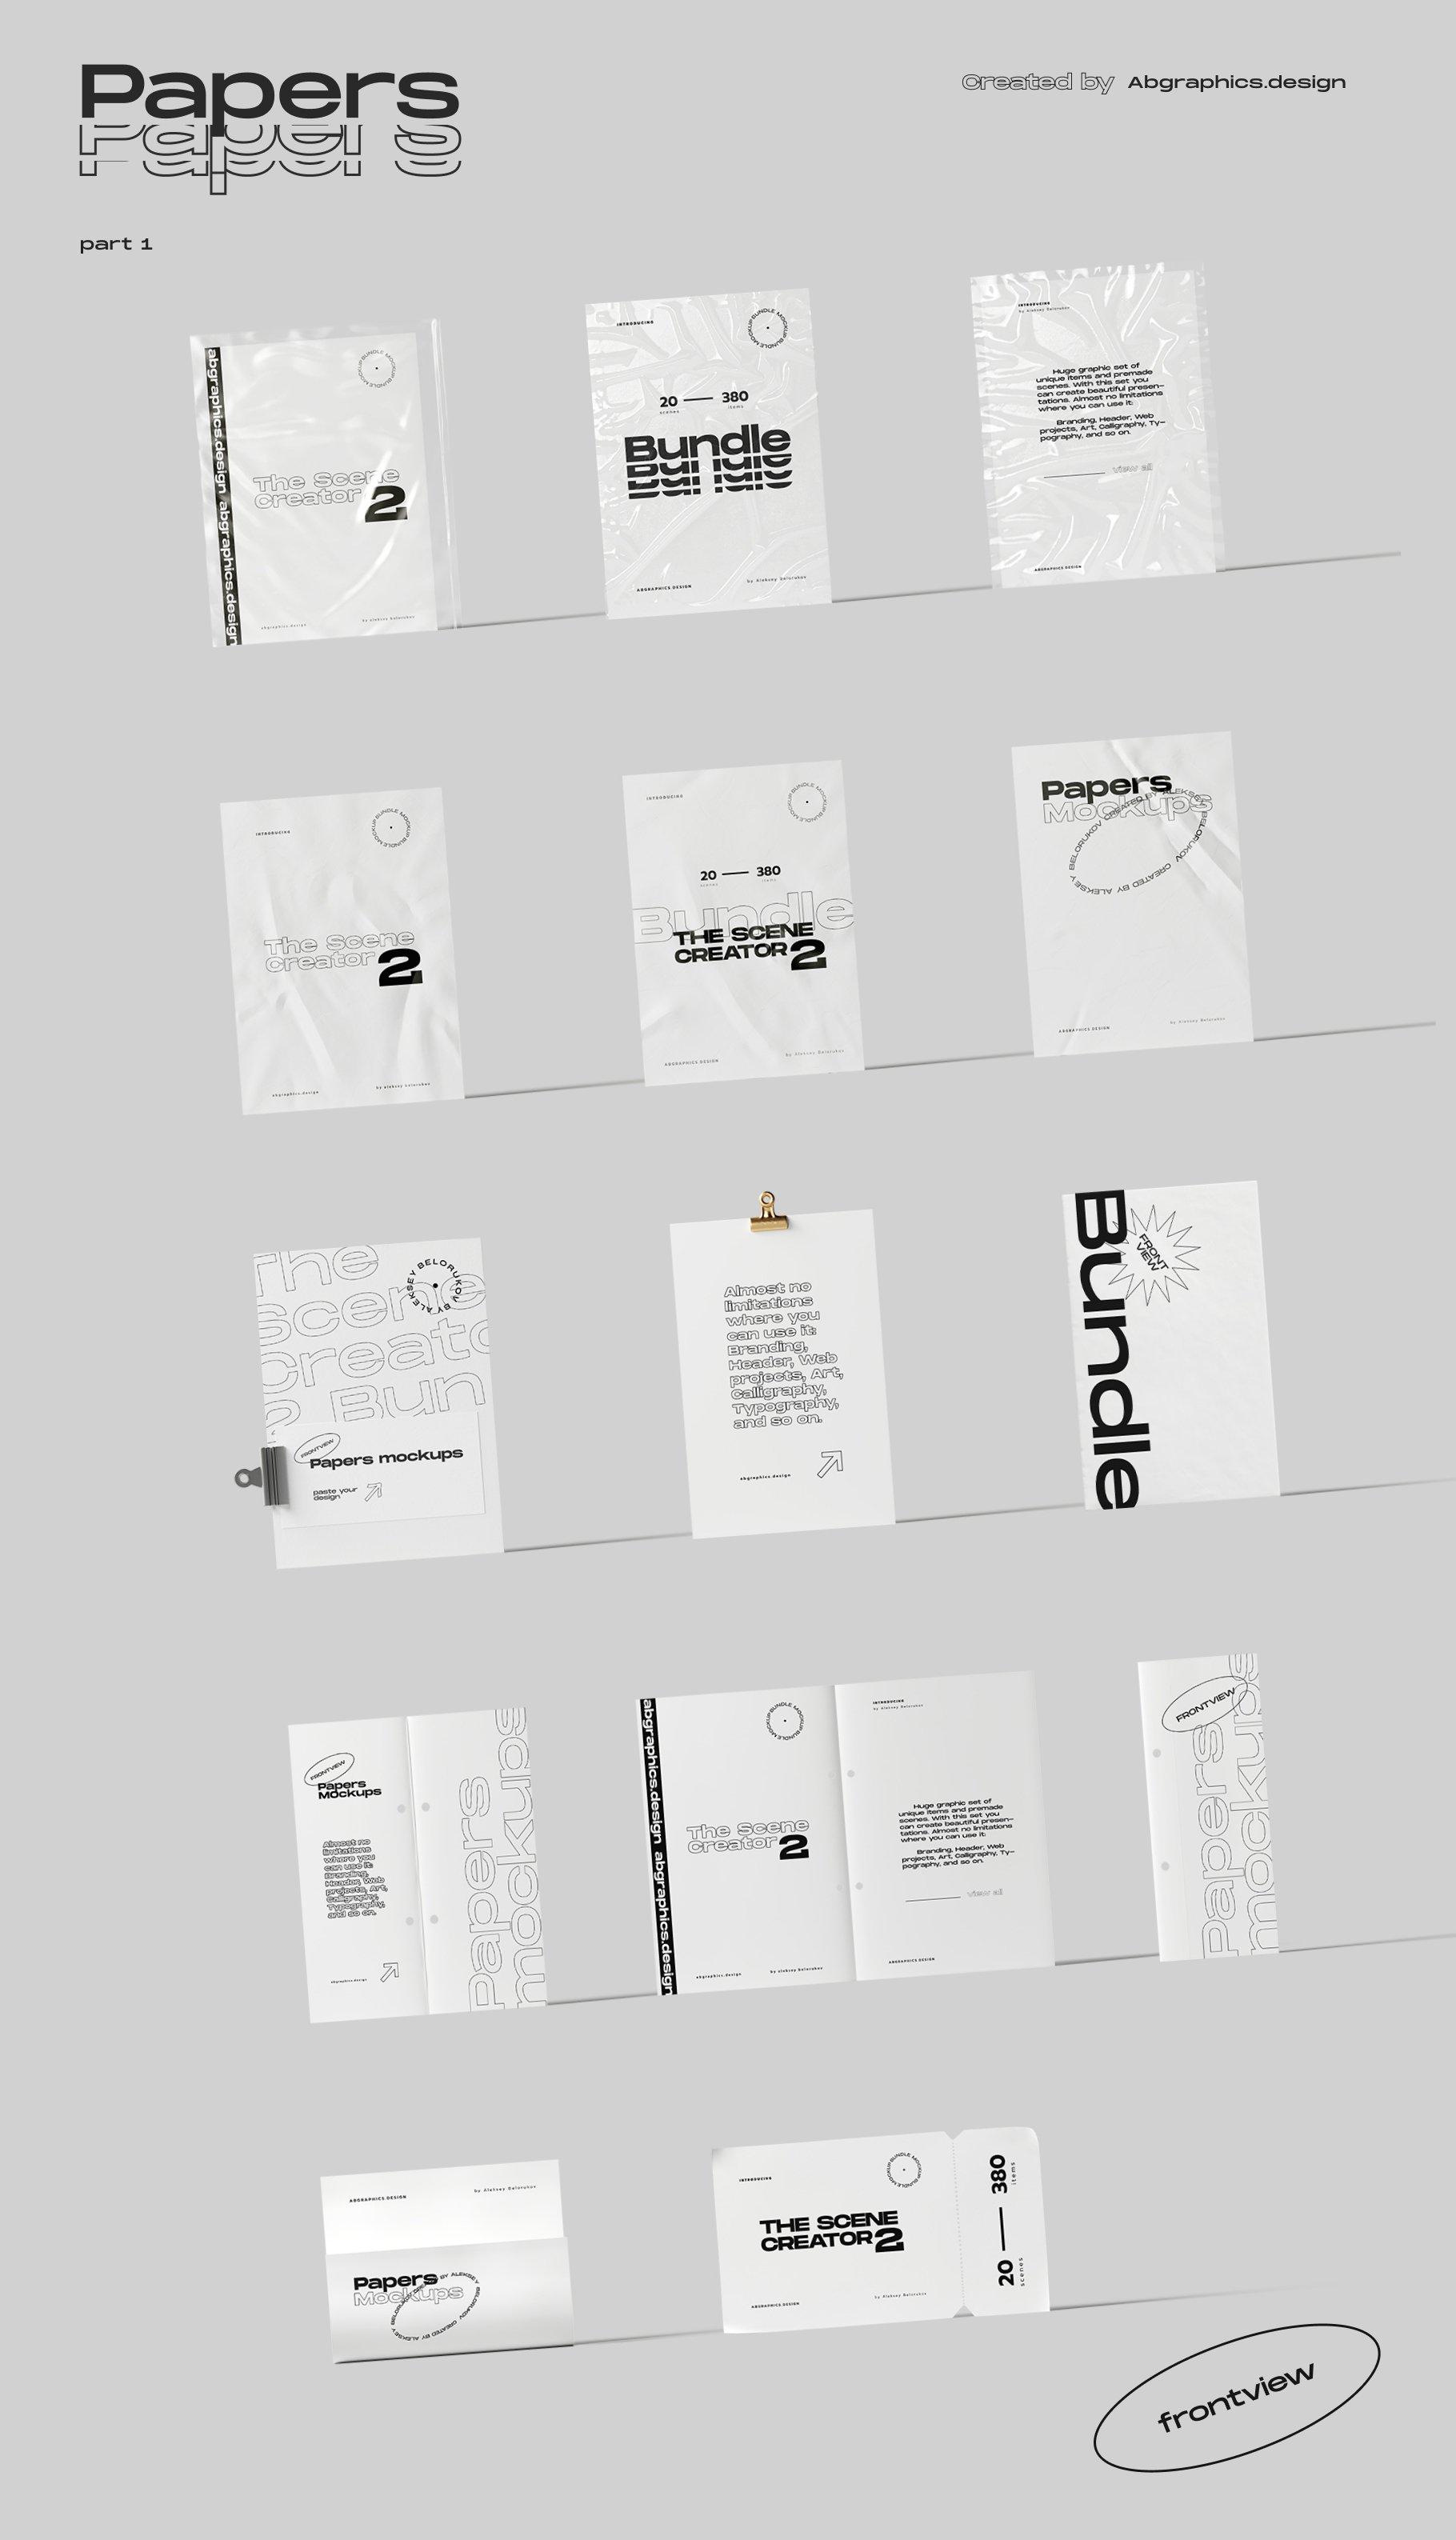 [淘宝购买] 超大品牌VI包装设计PS智能贴图样机模板素材 The Scene Creator 2 / Frontview插图(22)